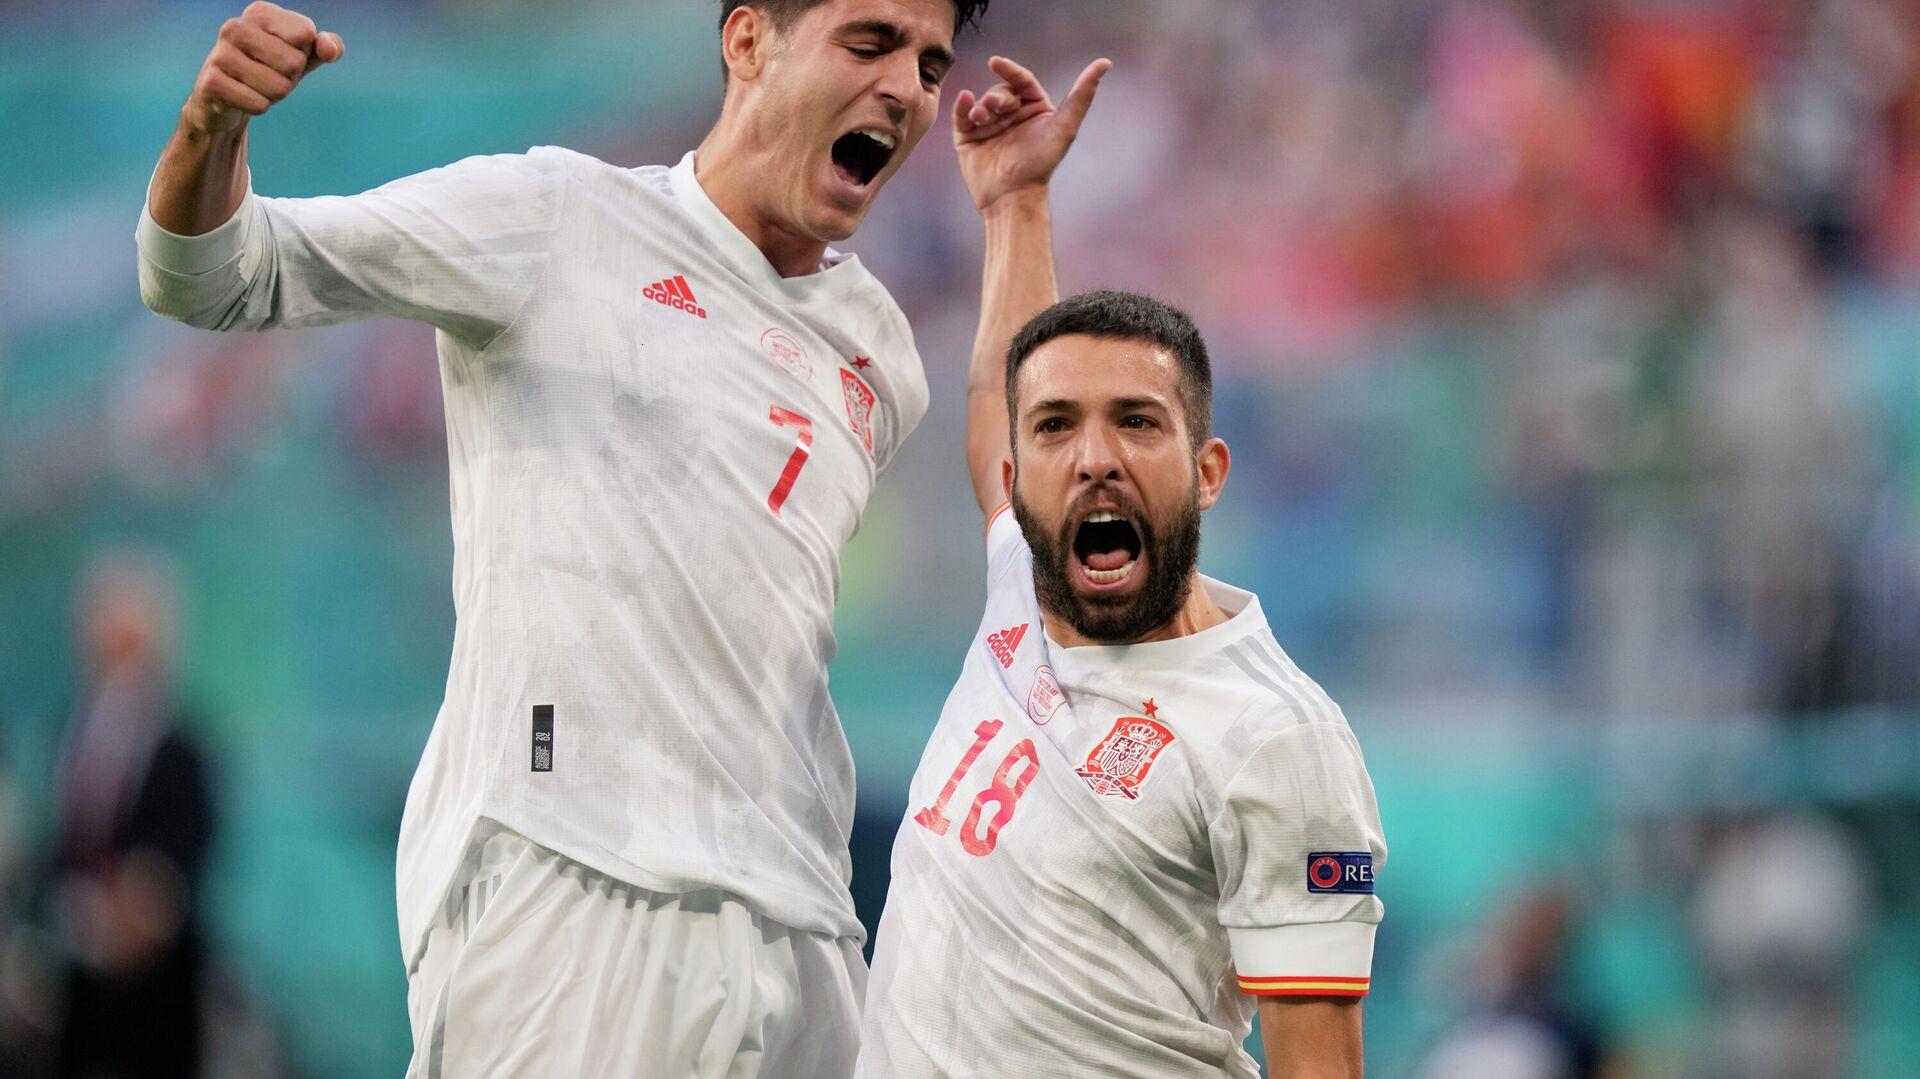 Selección de España celebra su gol ante Suiza durante la Eurocopa 2020 en San Peterburgo (Rusia), el 2 de julio del 2021 - Sputnik Mundo, 1920, 02.07.2021